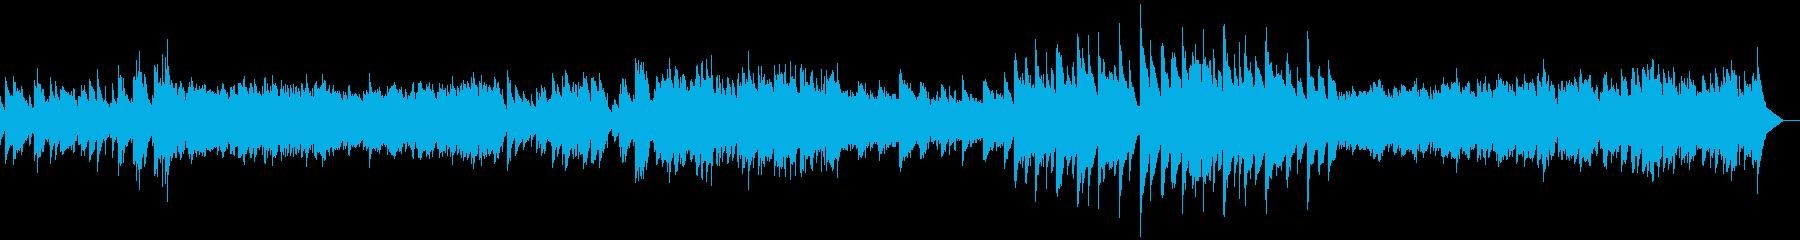 優しい雰囲気のバラード系ピアノソロの再生済みの波形